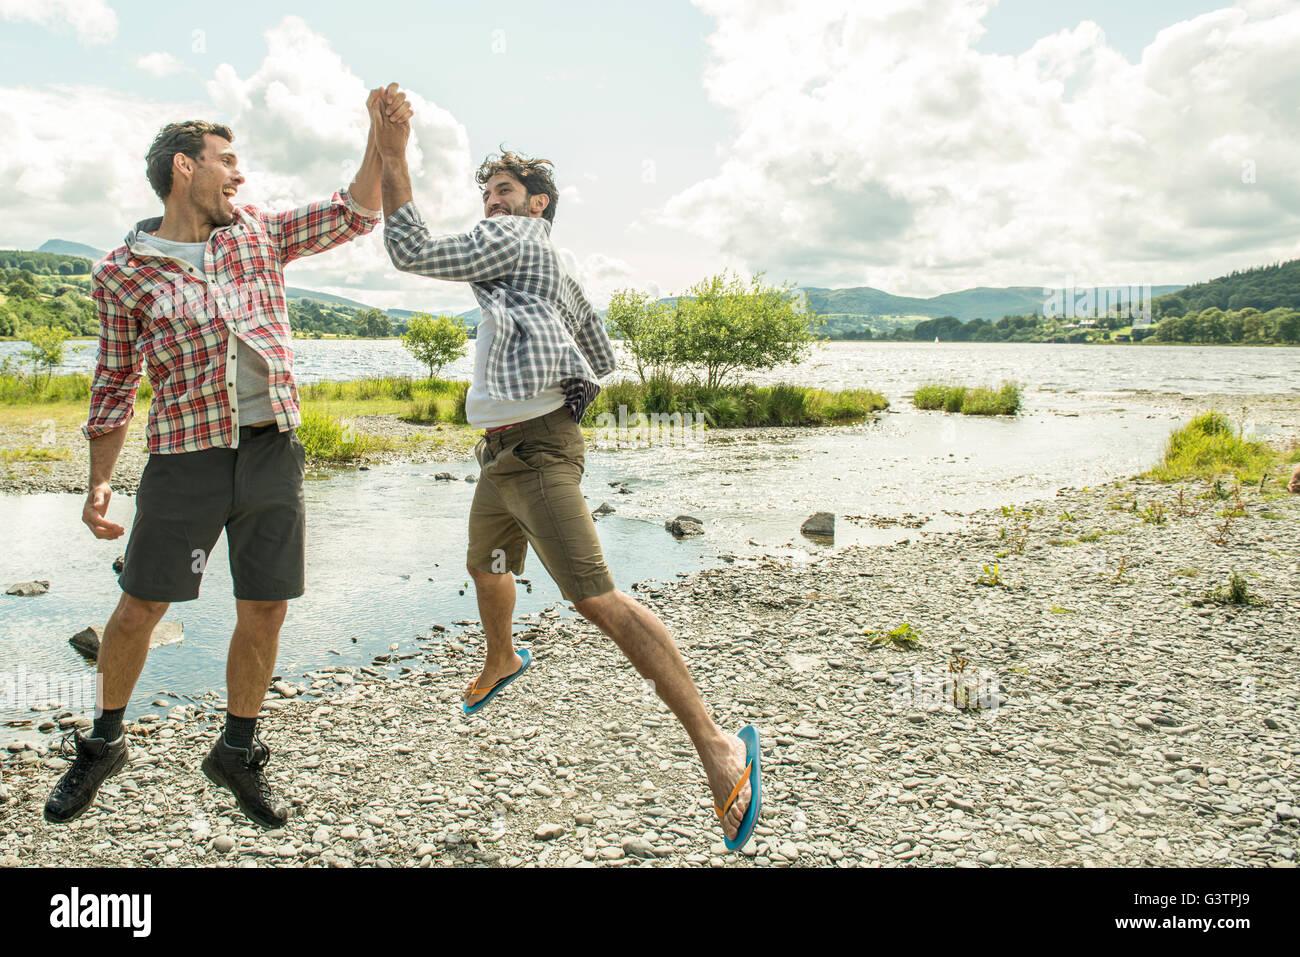 Zwei Männer springen hoch fünf in der Nähe von Bala Lake in Wales. Stockbild